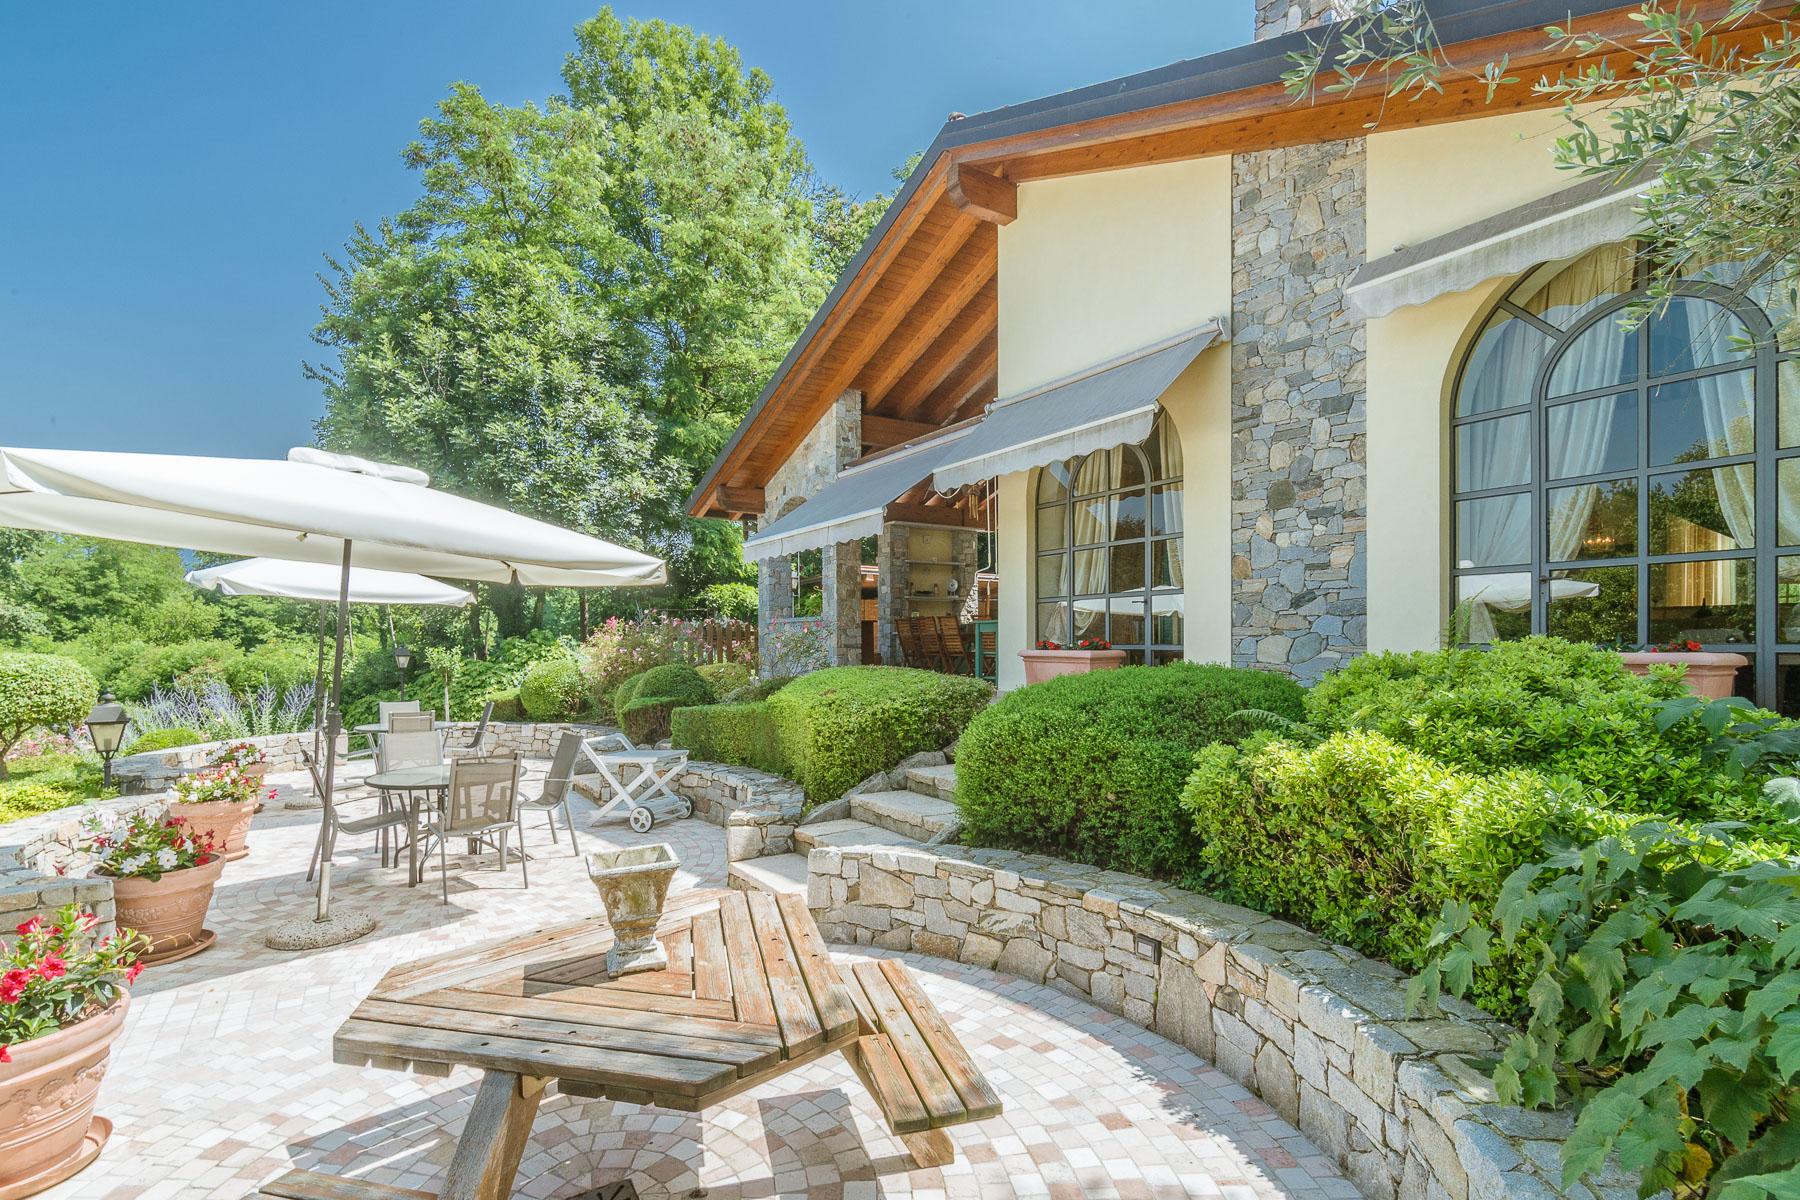 Villa in Vendita a Besozzo: 5 locali, 426 mq - Foto 25